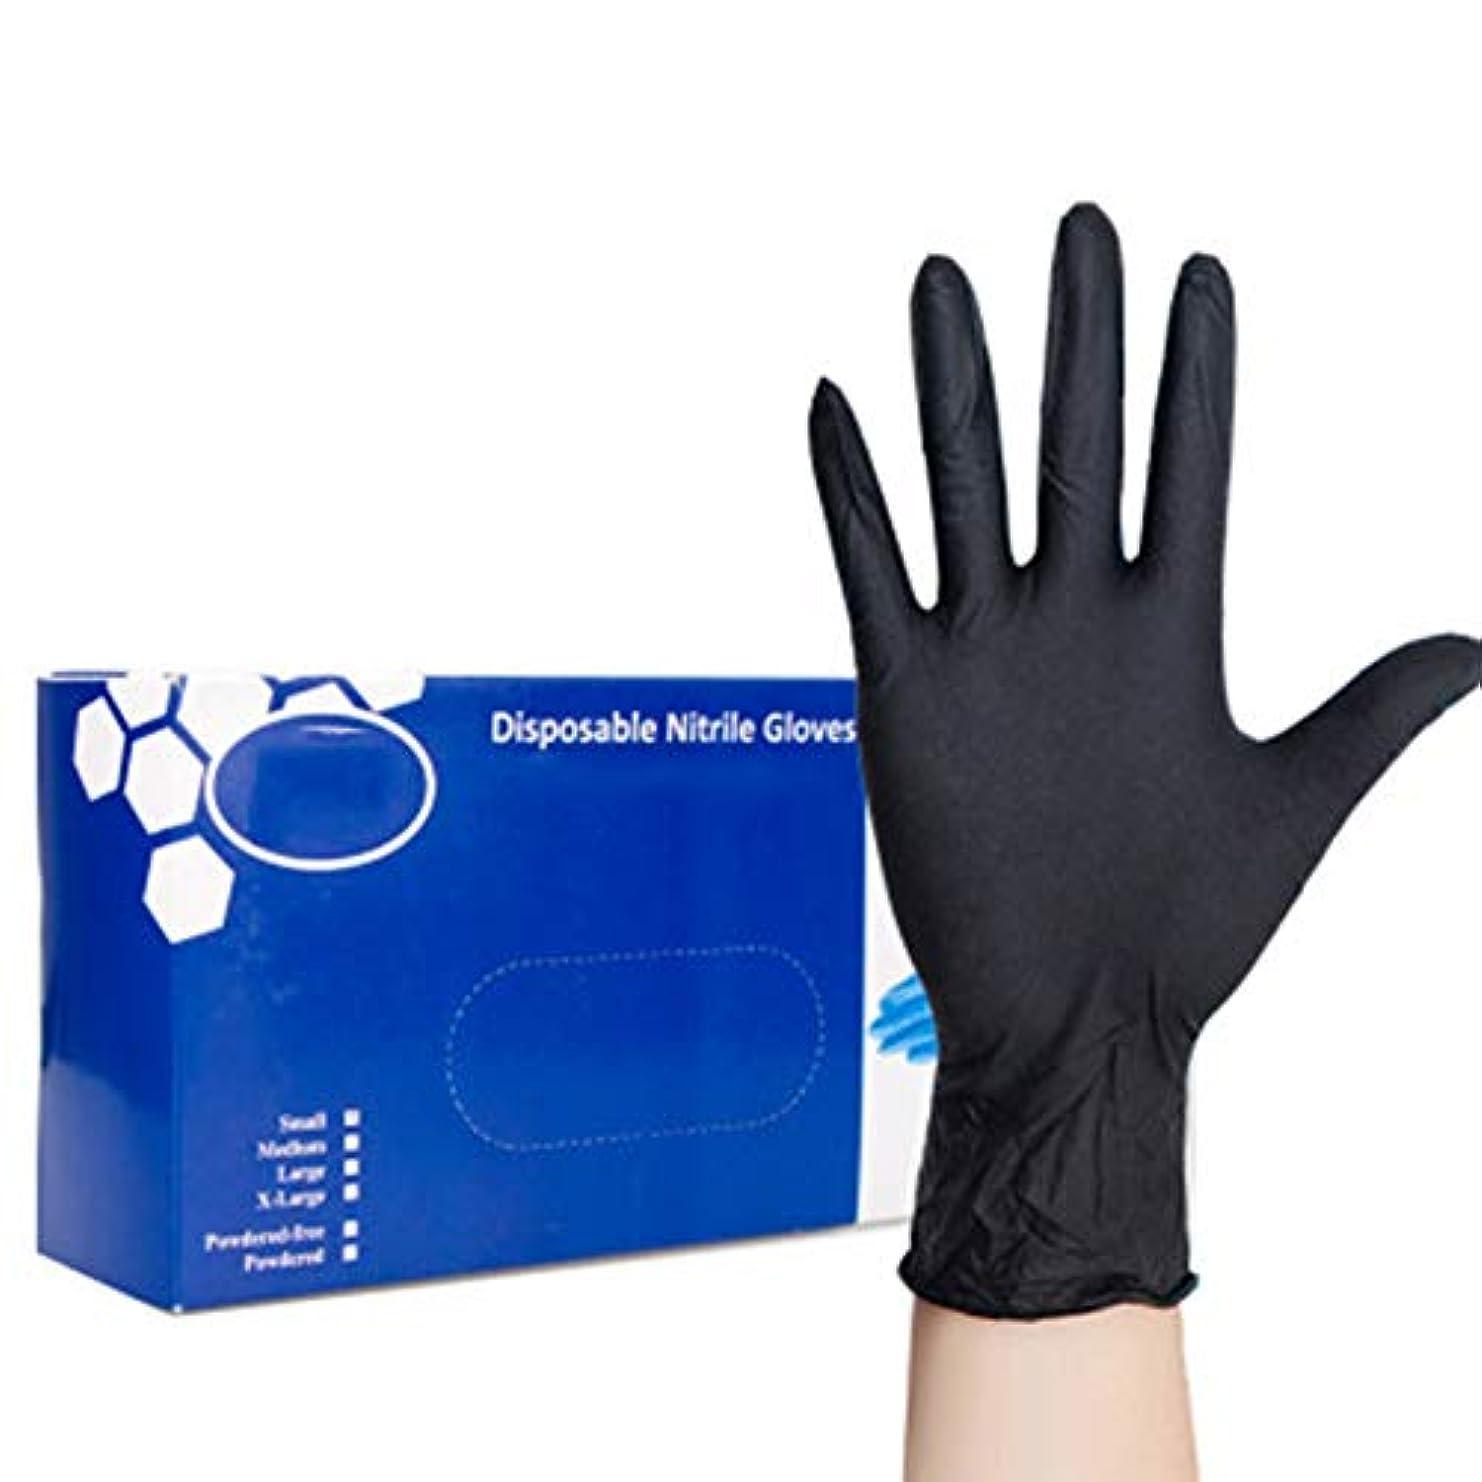 迷路電圧機関車使い捨てニトリル手袋 滑りにくい 超弾性 多用途 黒 耐摩耗性および耐汚染性の美容サロングローブ(1箱100個)